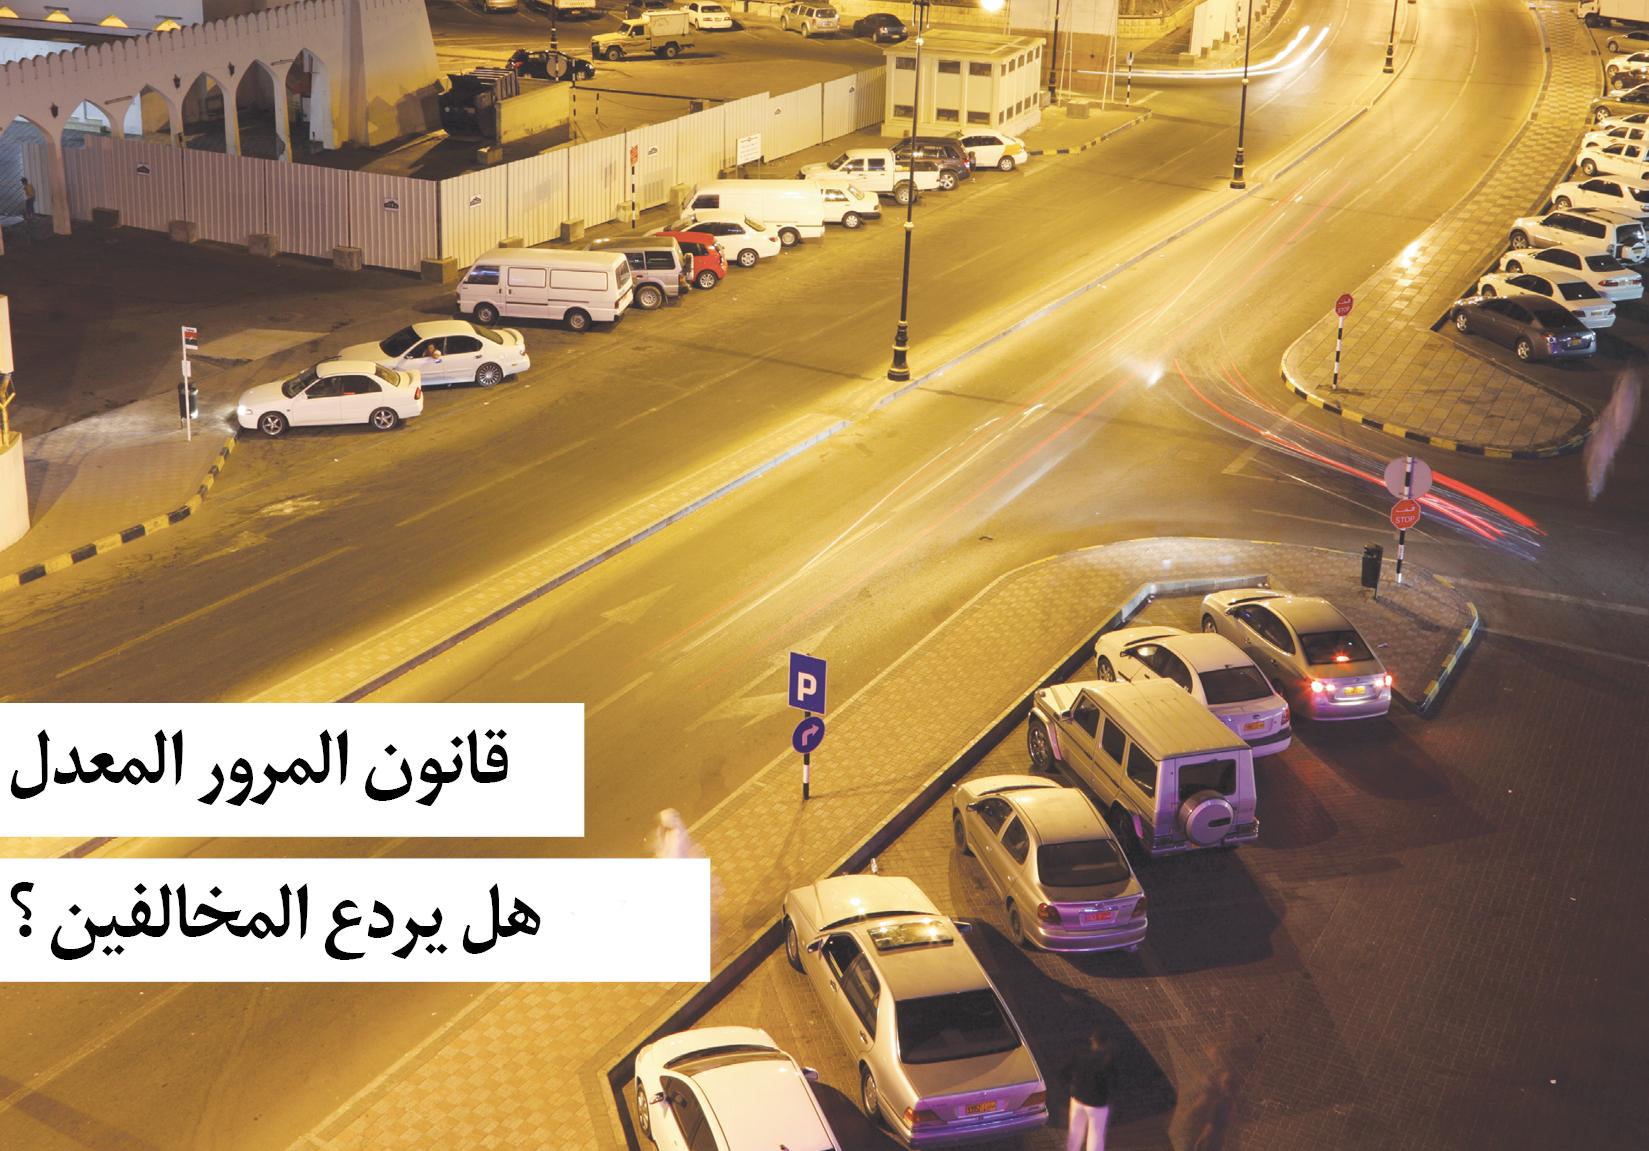 تباين الأراء حول ردع تعديلات قانون المرور للمخالفين